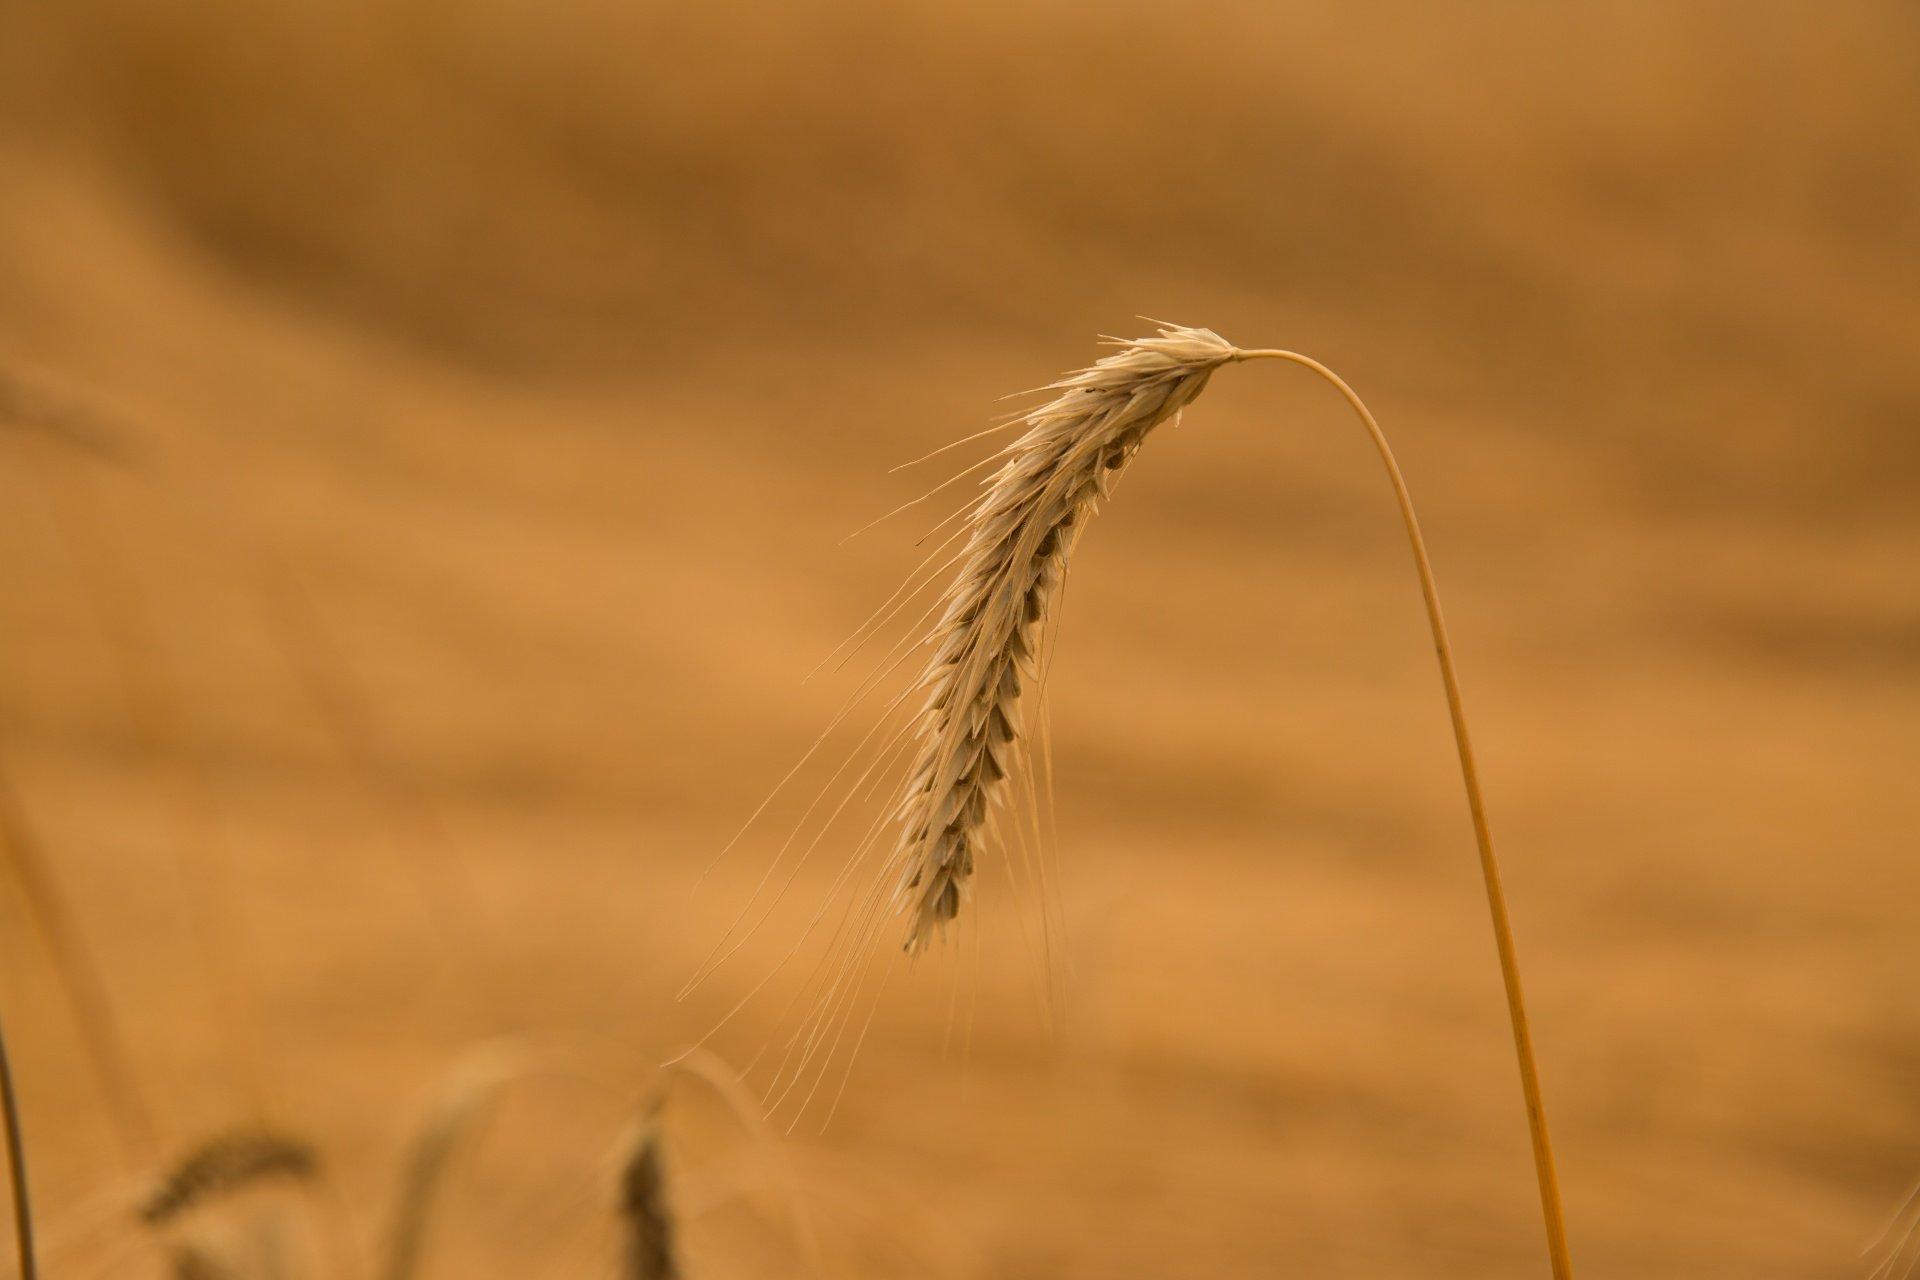 Показники якості пшениці за стандартами США та України